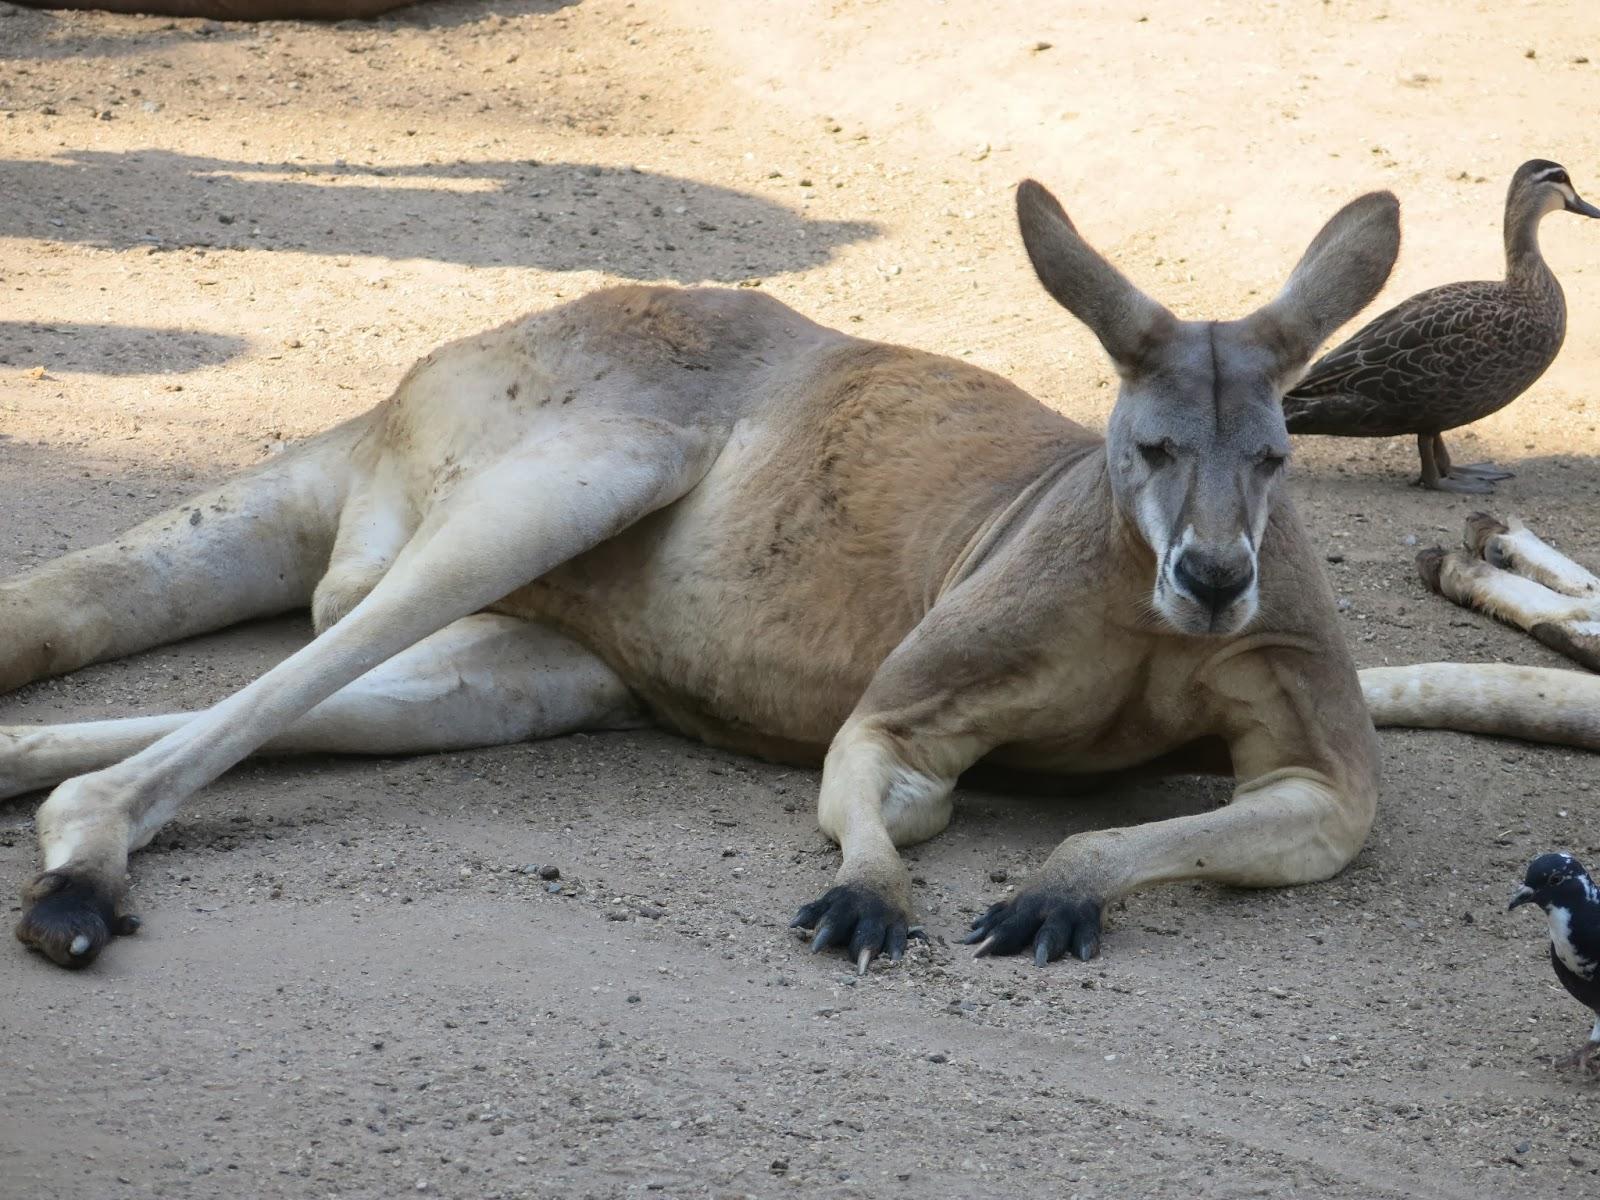 【澳洲】抱無尾熊 + 餵袋鼠一次解決的可倫賓動物園 – 黃金海岸9天6夜親子遊自由行之七